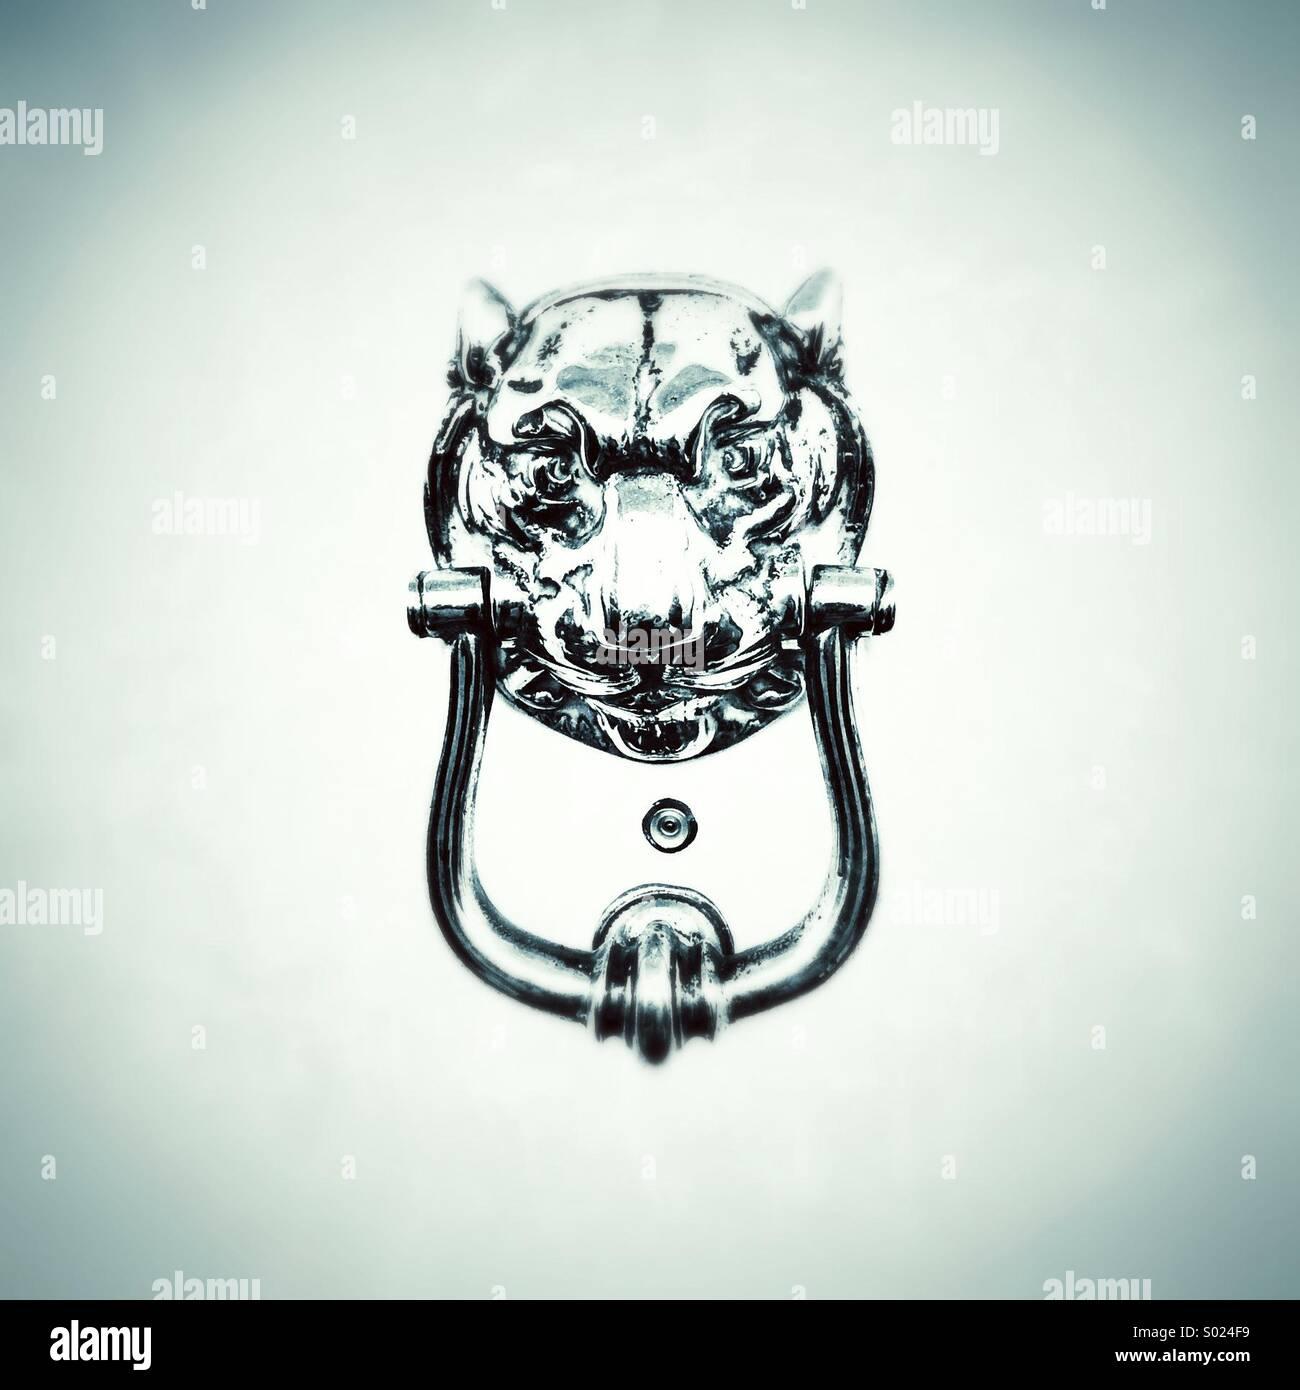 Lions head martinete en puerta blanca Imagen De Stock